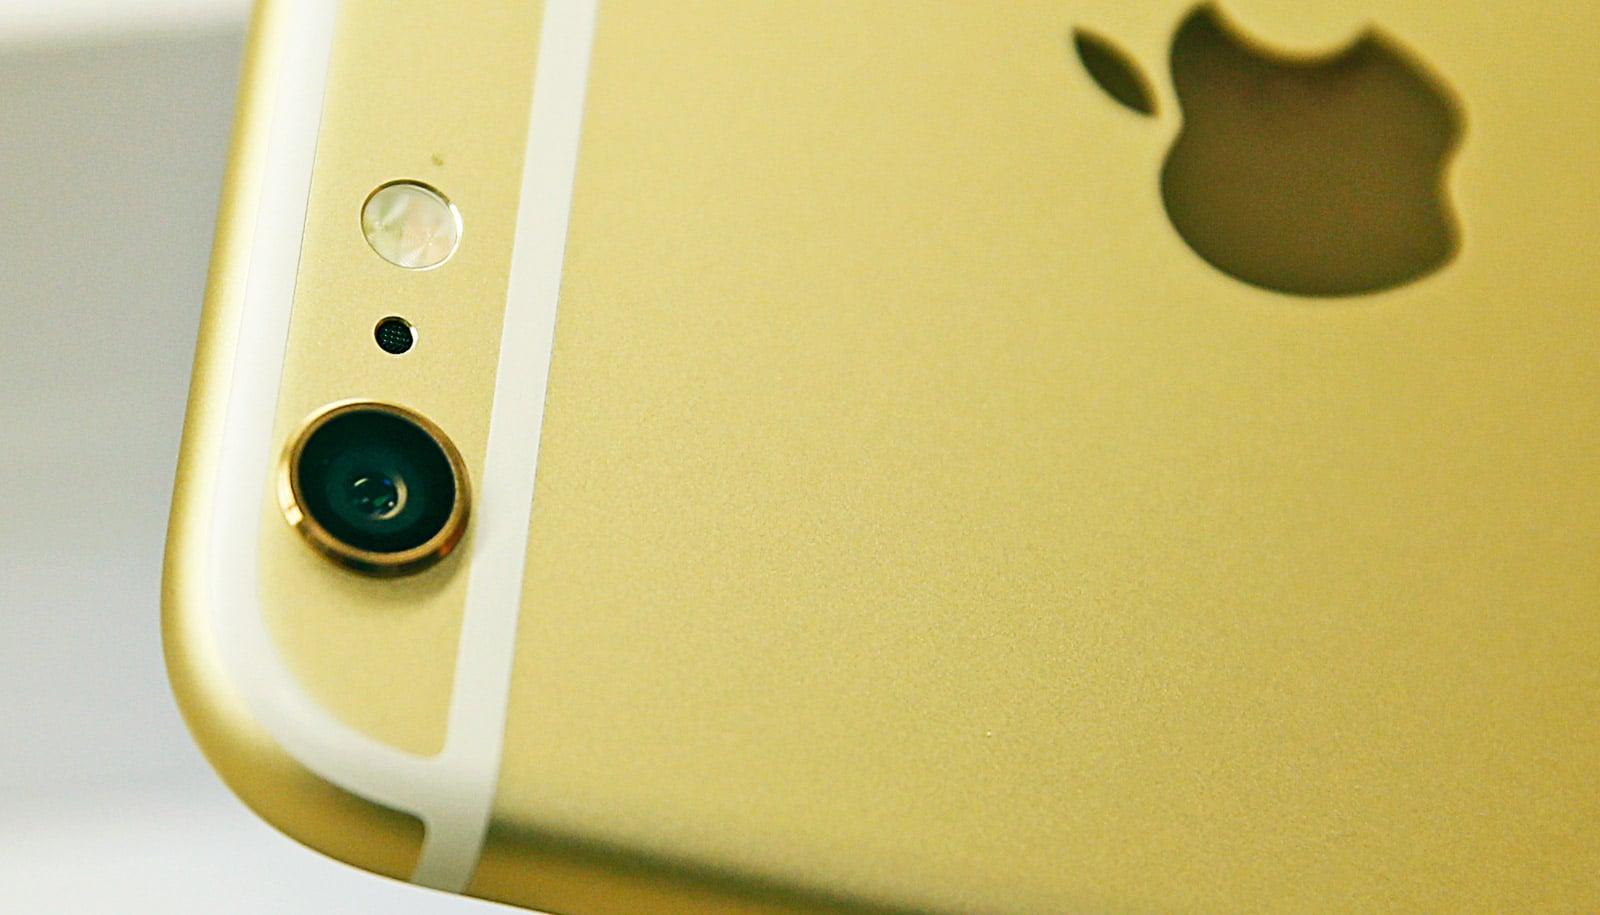 Iphone6s_camera_prnu_1600